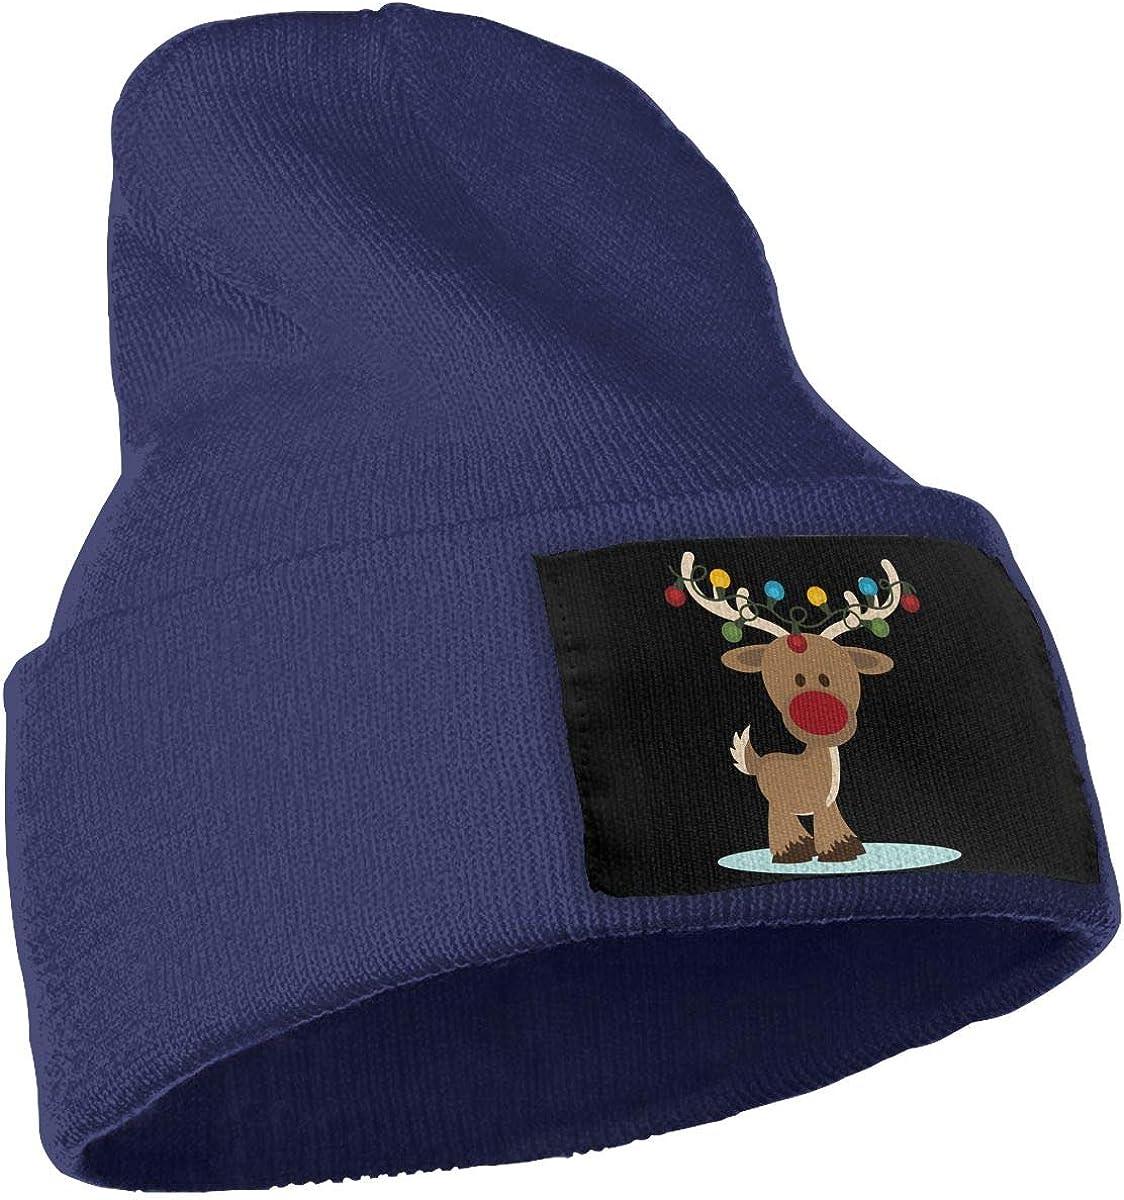 Flying Reindeer Christmas Cute Skull Cap WHOO93@Y Mens Womens 100/% Acrylic Knitted Hat Cap